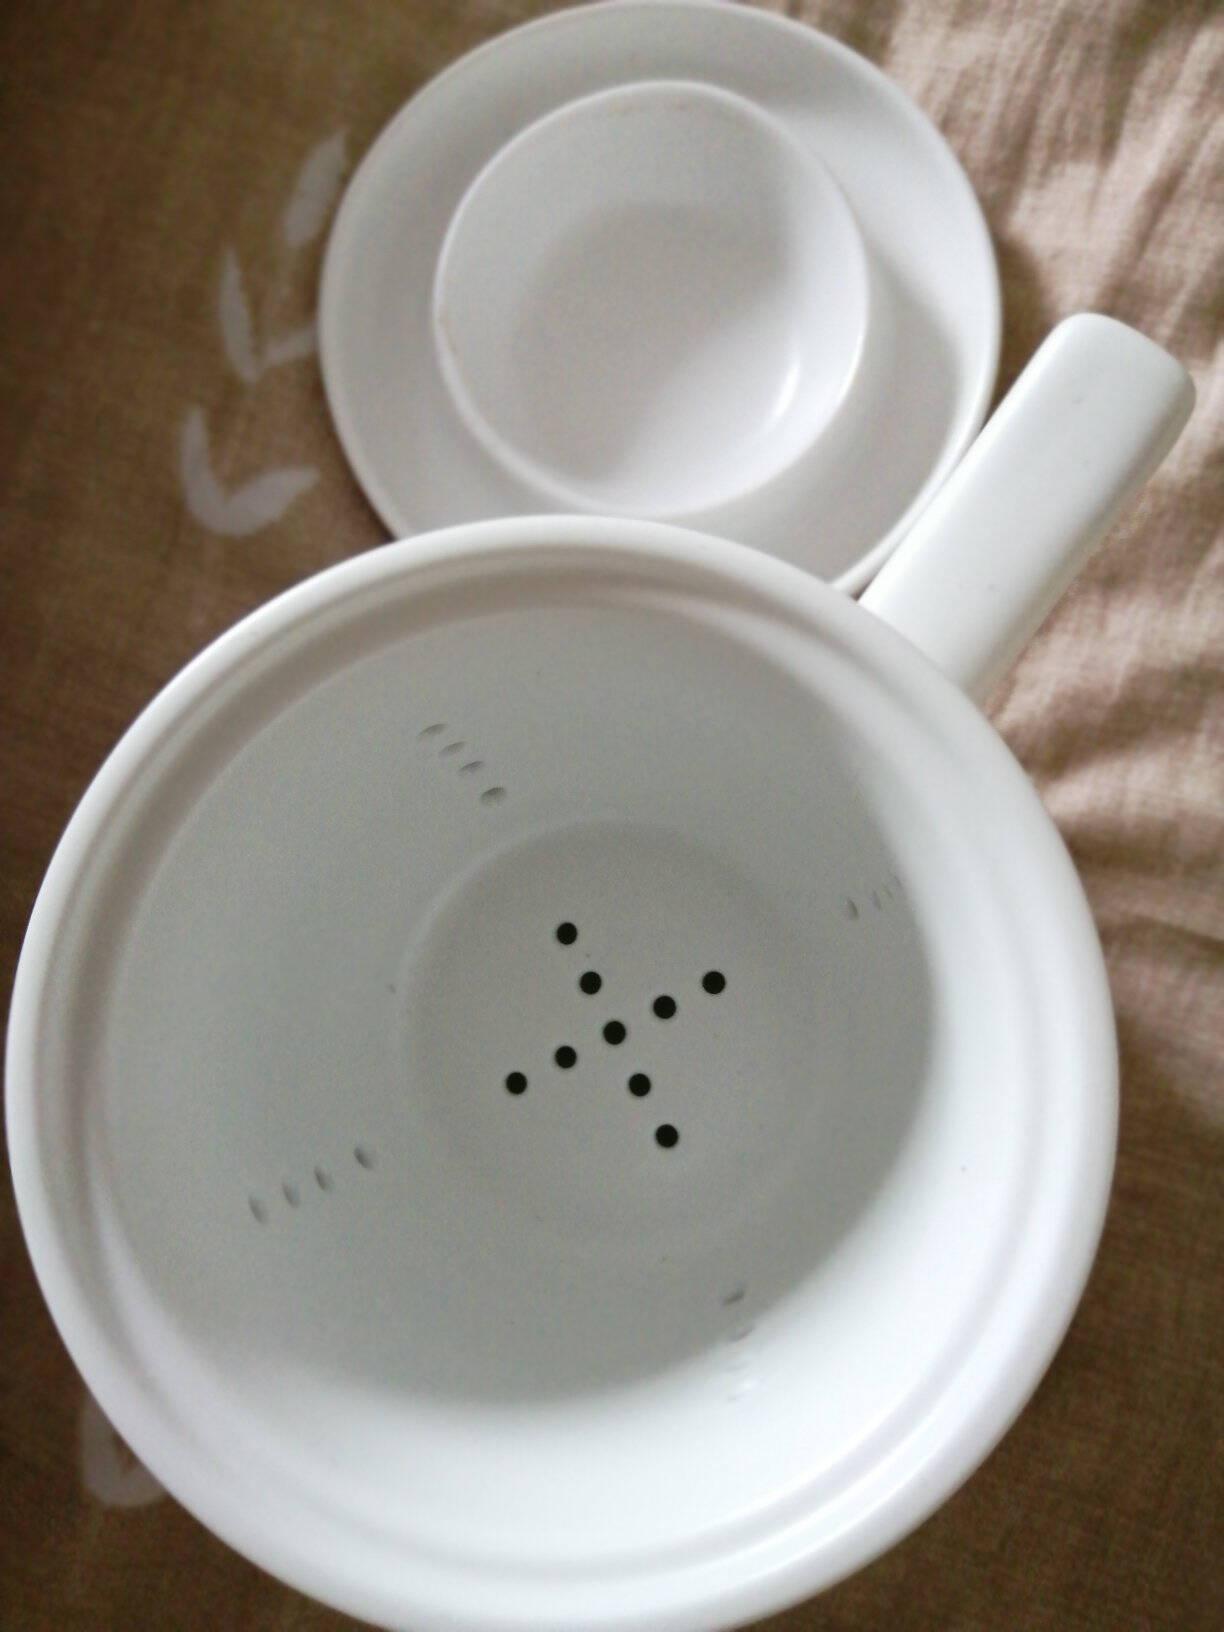 束氏茶水分离杯陶瓷杯带盖泡茶杯过滤水杯茶具办公室功夫茶杯子手绘兰花